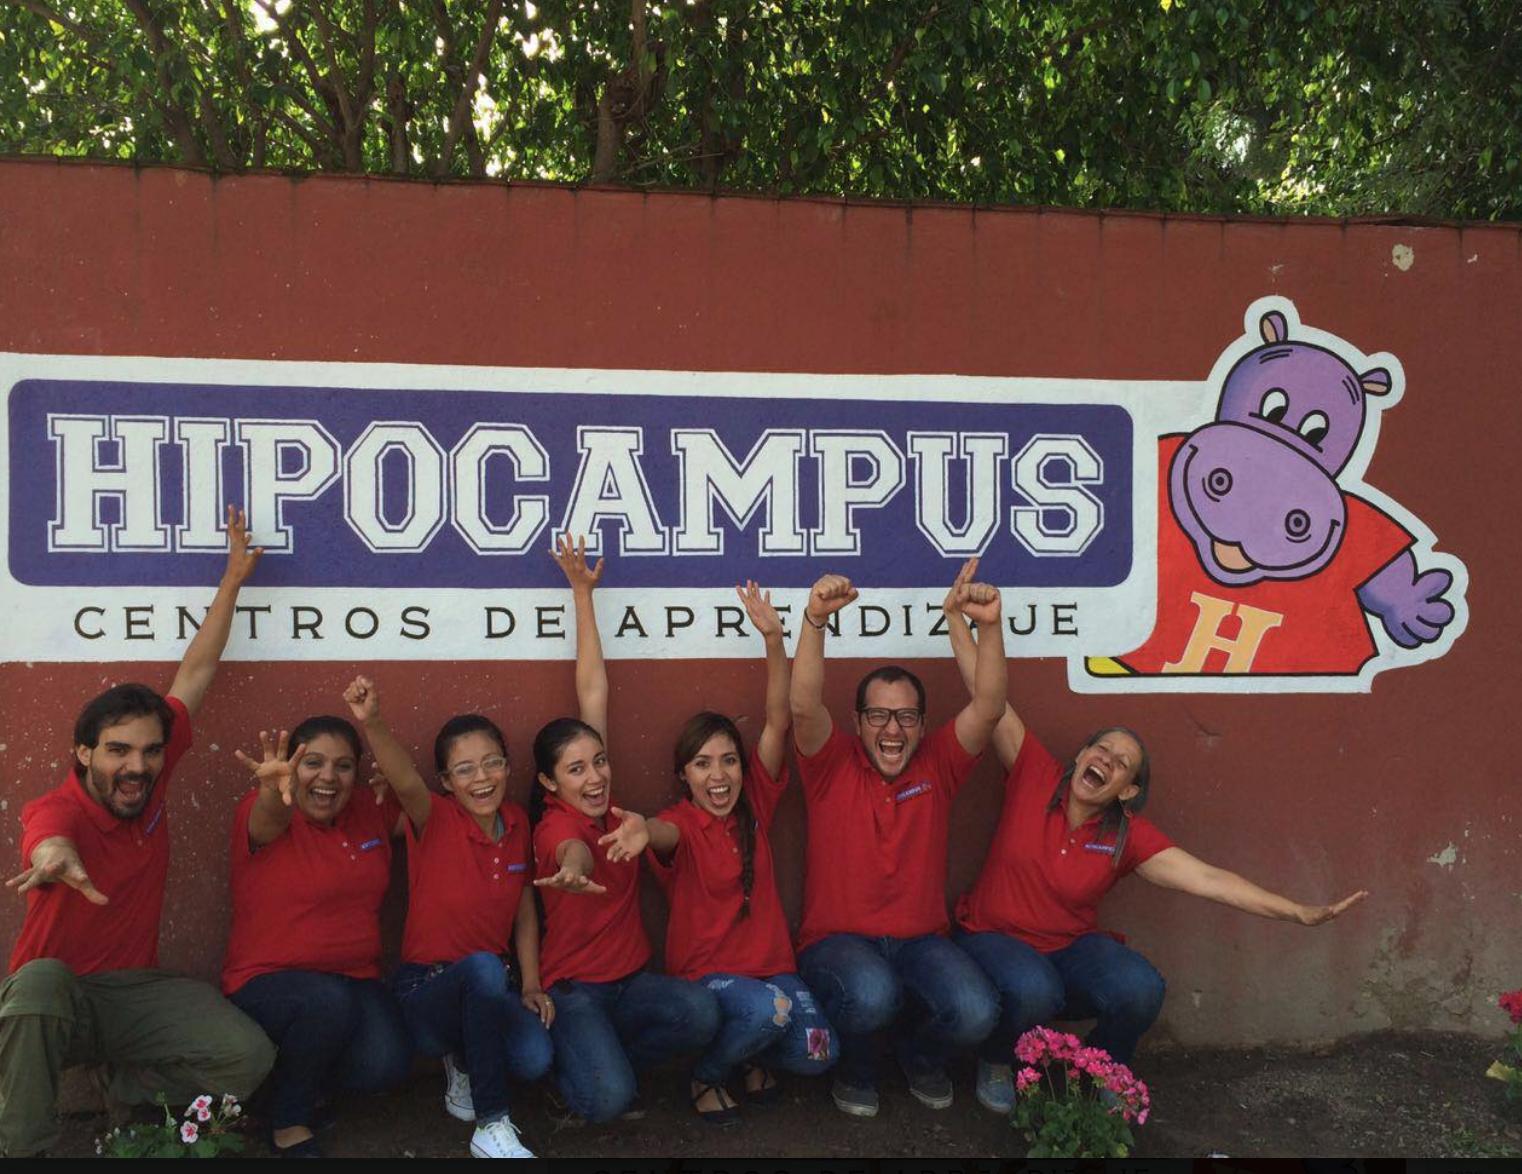 Team members at Hipocampus Centros de Aprendizaje (Mexico).